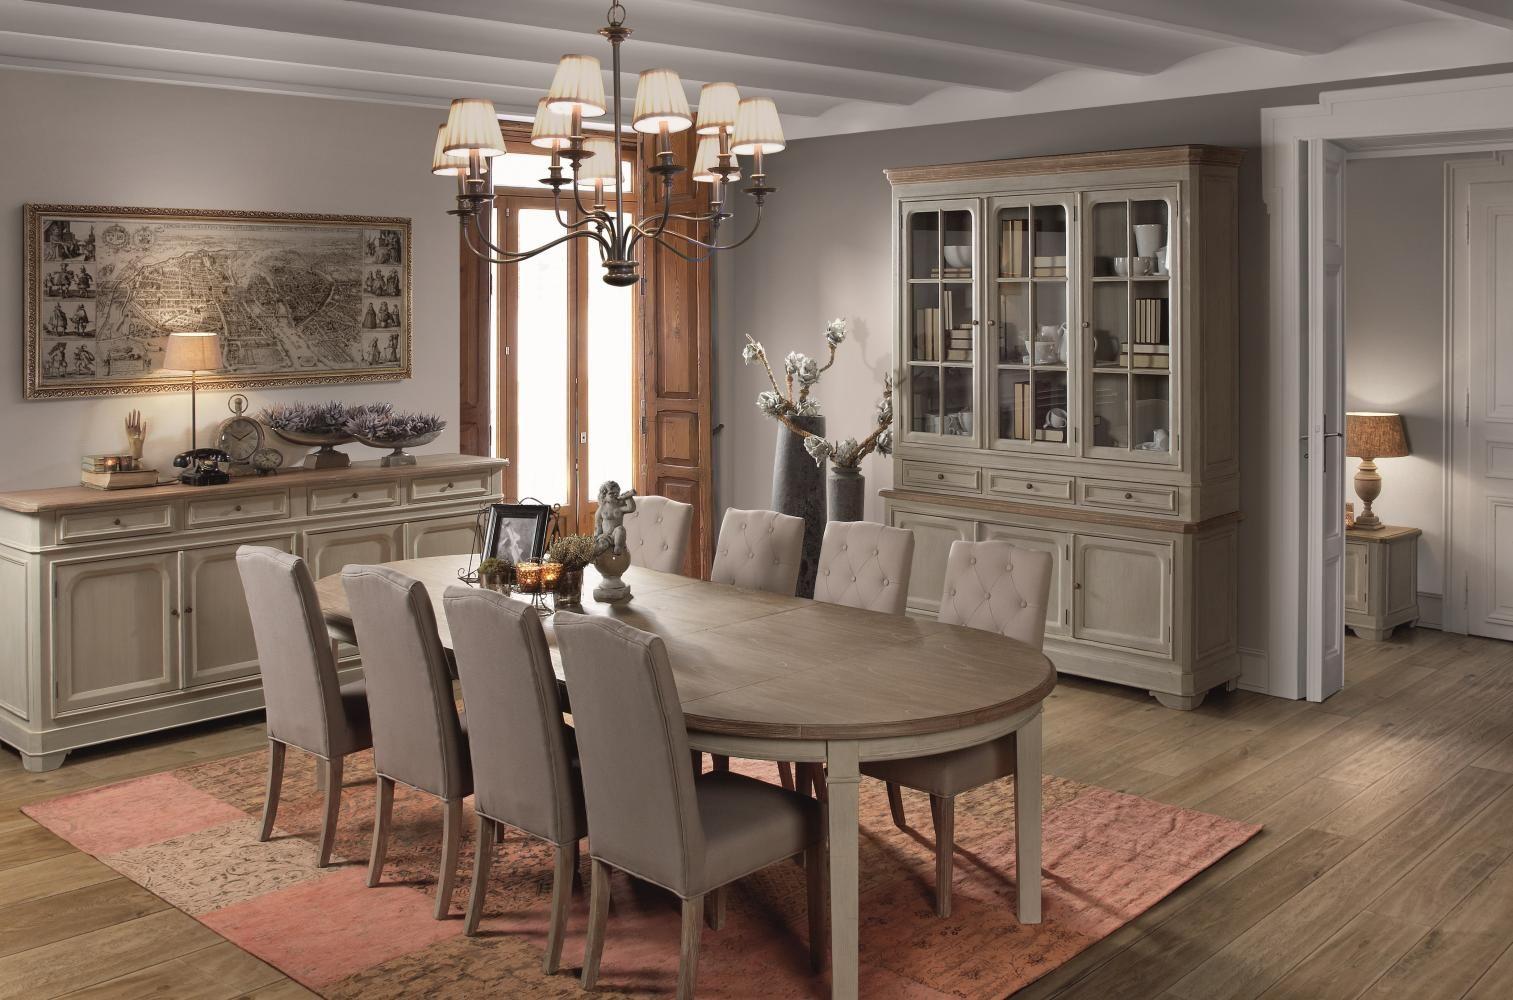 eetkamer landelijke stijl inspiratie voor landelijk interieur interior